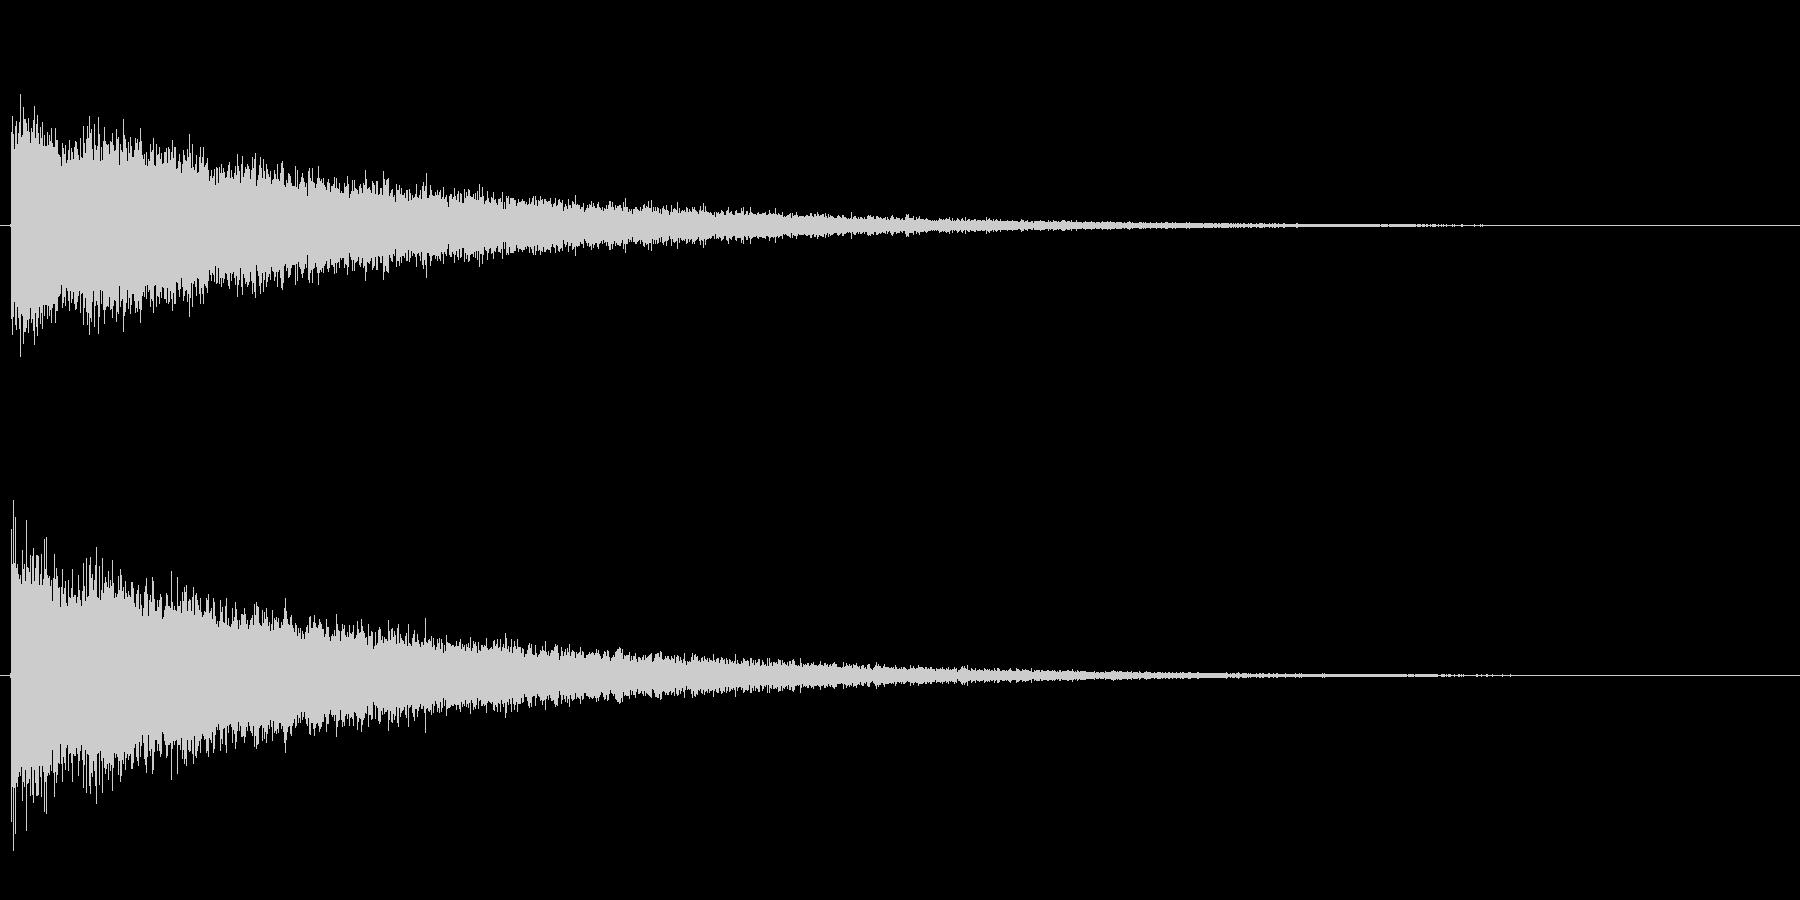 シャンシャン…と高音ノイズがエコーして…の未再生の波形